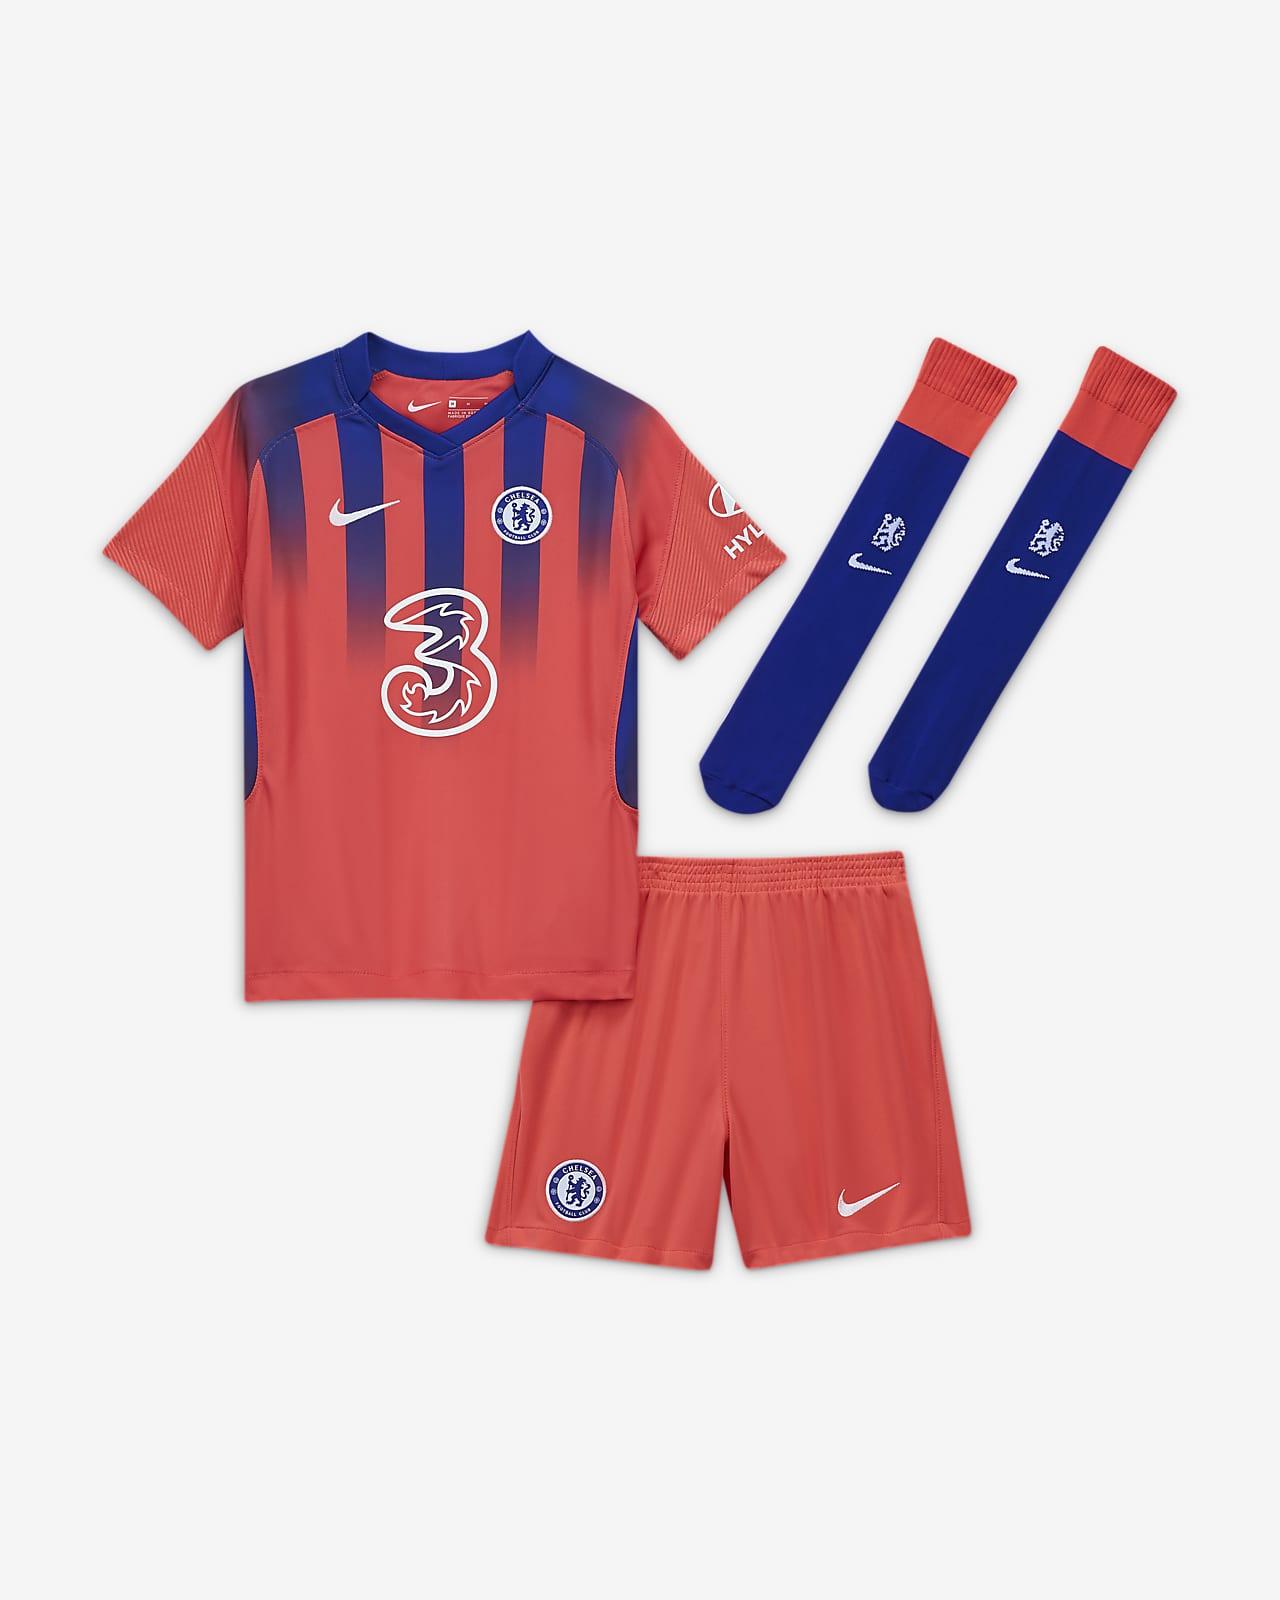 3e tenue de football Chelsea FC 2020/21 pour Jeune enfant